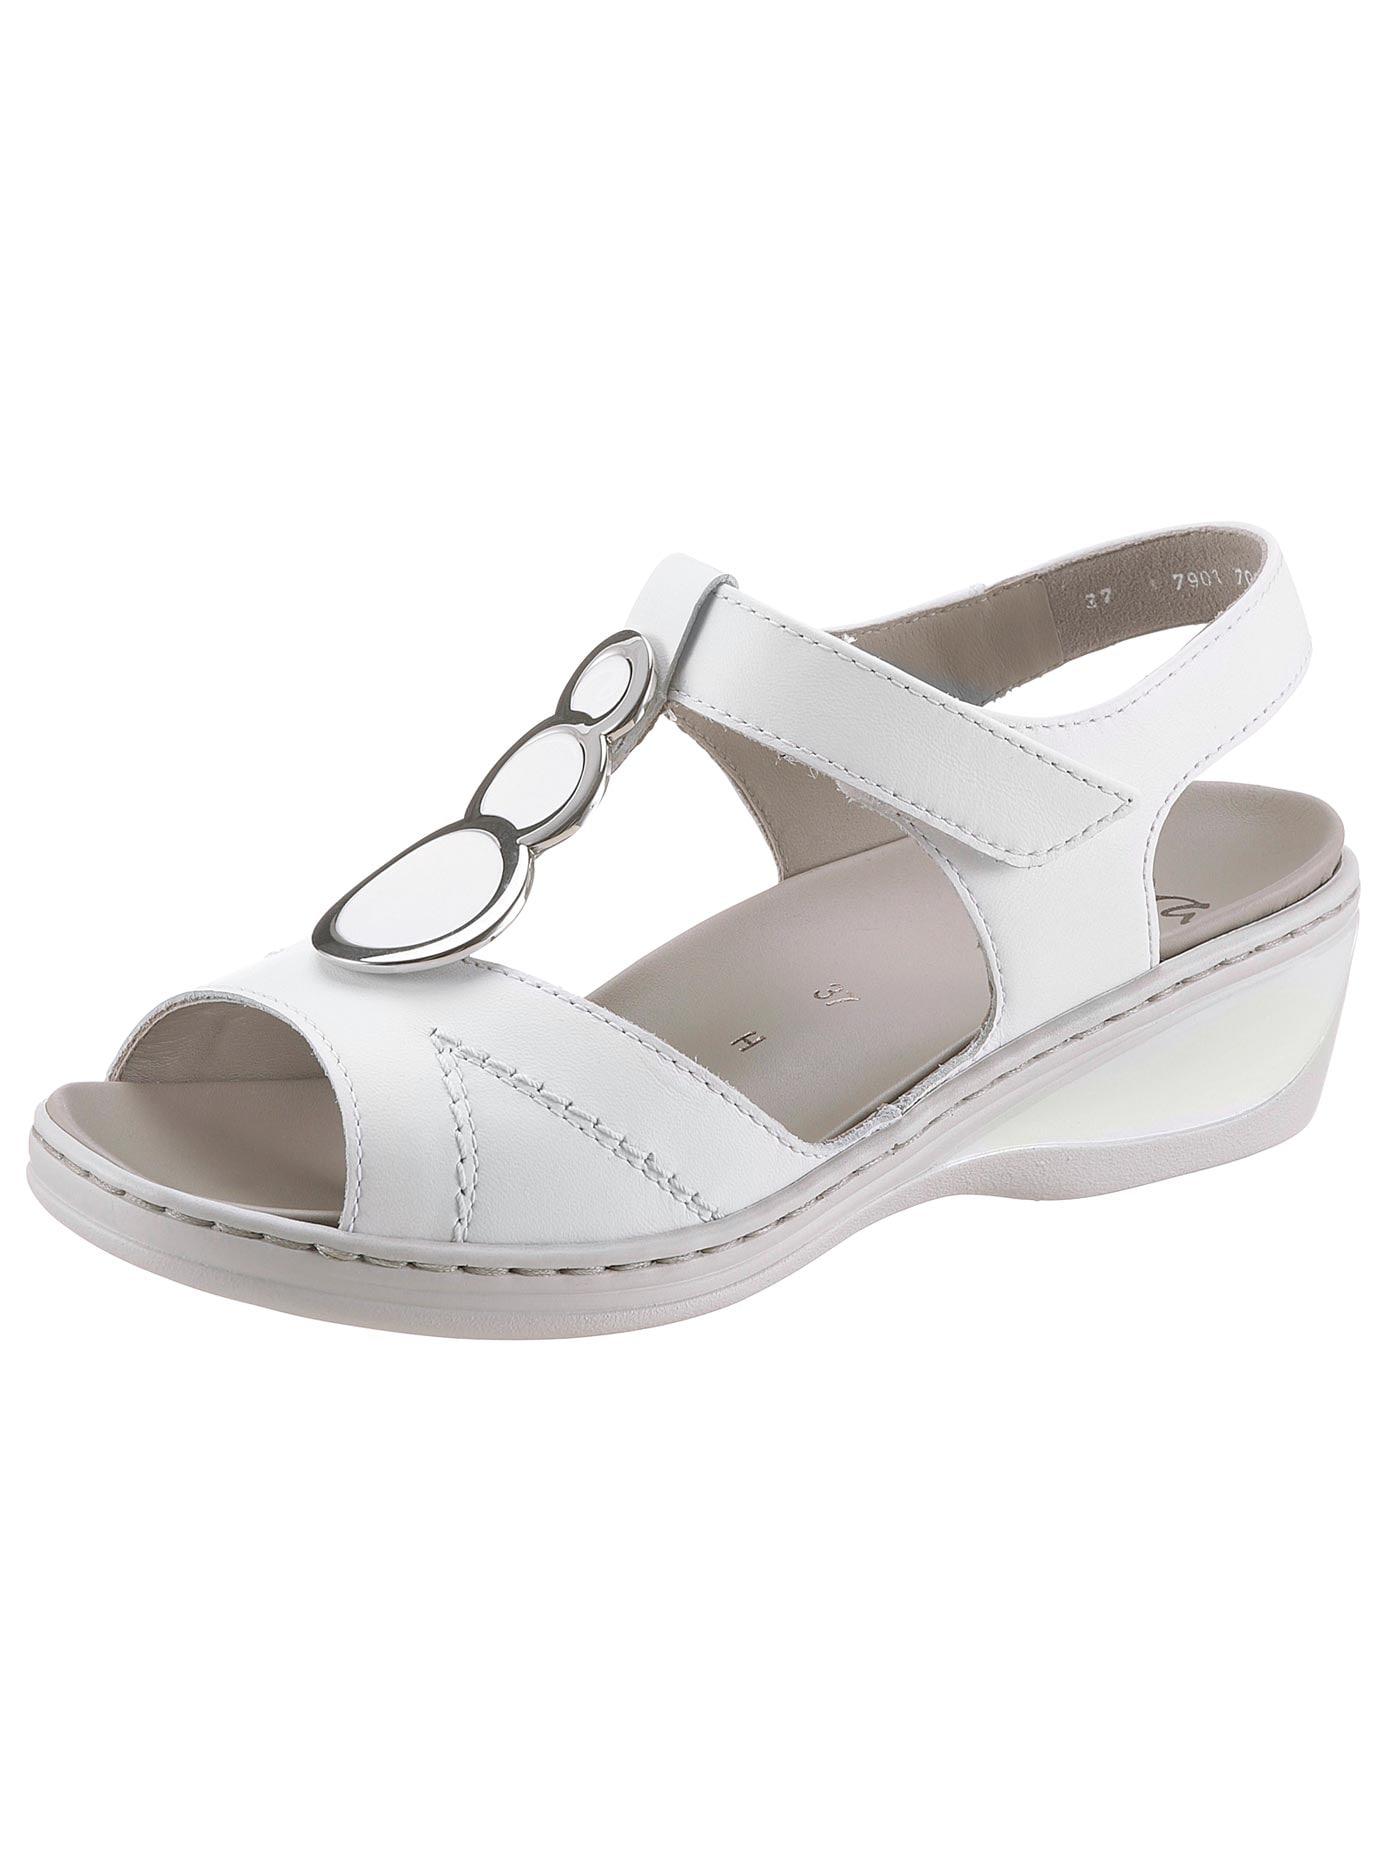 Ara Sandalette weiß Damen Sandaletten Sandalen